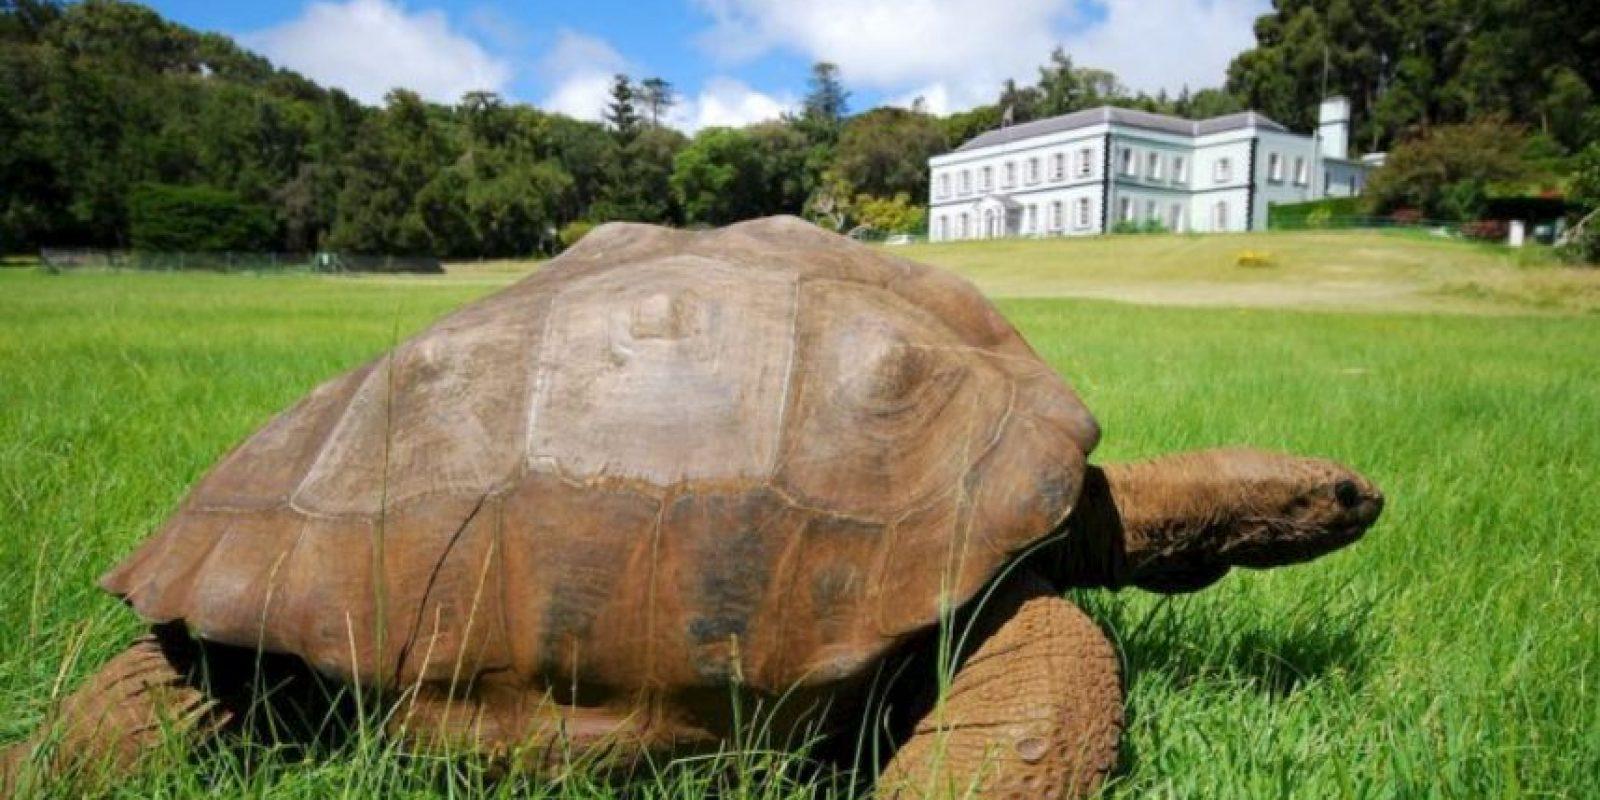 En 2014, Jonathan cumplió 182 años respirando en la Tierra. Se cree que puede ser el animal más viejo vivo en nuestro planeta. Foto:www.tripadvisor.com